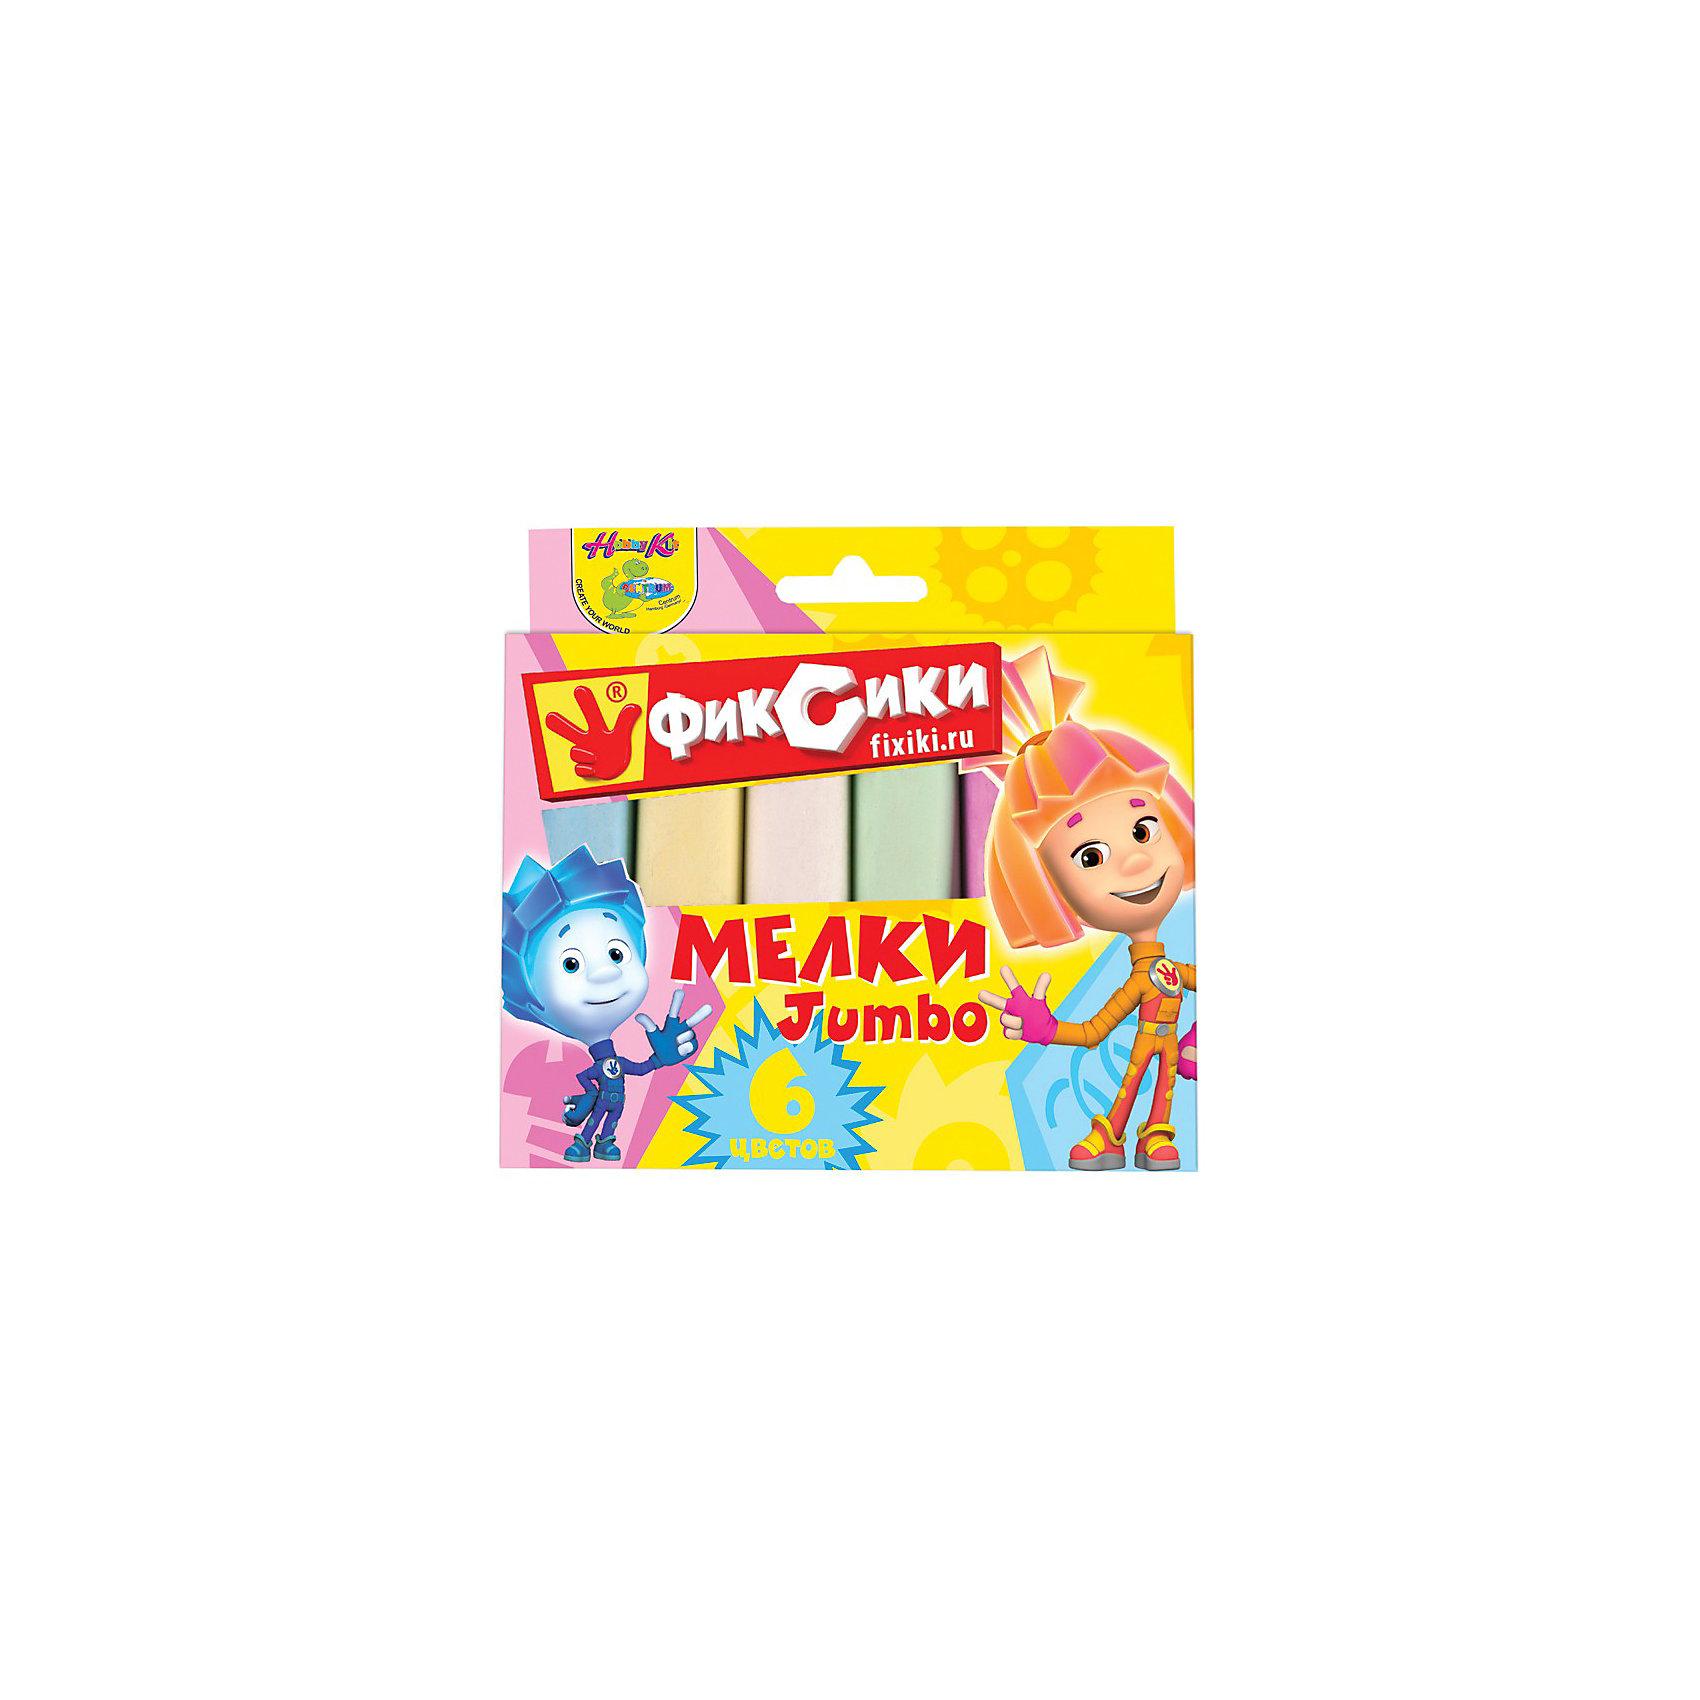 Мелки цветные для асфальта 6 цветов, ФиксикиМелки цветные для асфальта, Фиксики замечательно подойдут для рисования на асфальте и различных поверхностях. Мелки имеют утолщенную форму и очень удобны для маленьких детских ручек! Подойдут для самых маленьких любителей творчества.<br><br>Дополнительная информация:<br><br>В наборе: 6 цветов.<br><br>Станет прекрасным развивающим подарком любому маленькому ребенку!<br><br>Ширина мм: 24<br>Глубина мм: 125<br>Высота мм: 135<br>Вес г: 240<br>Возраст от месяцев: 36<br>Возраст до месяцев: 156<br>Пол: Унисекс<br>Возраст: Детский<br>SKU: 3289536